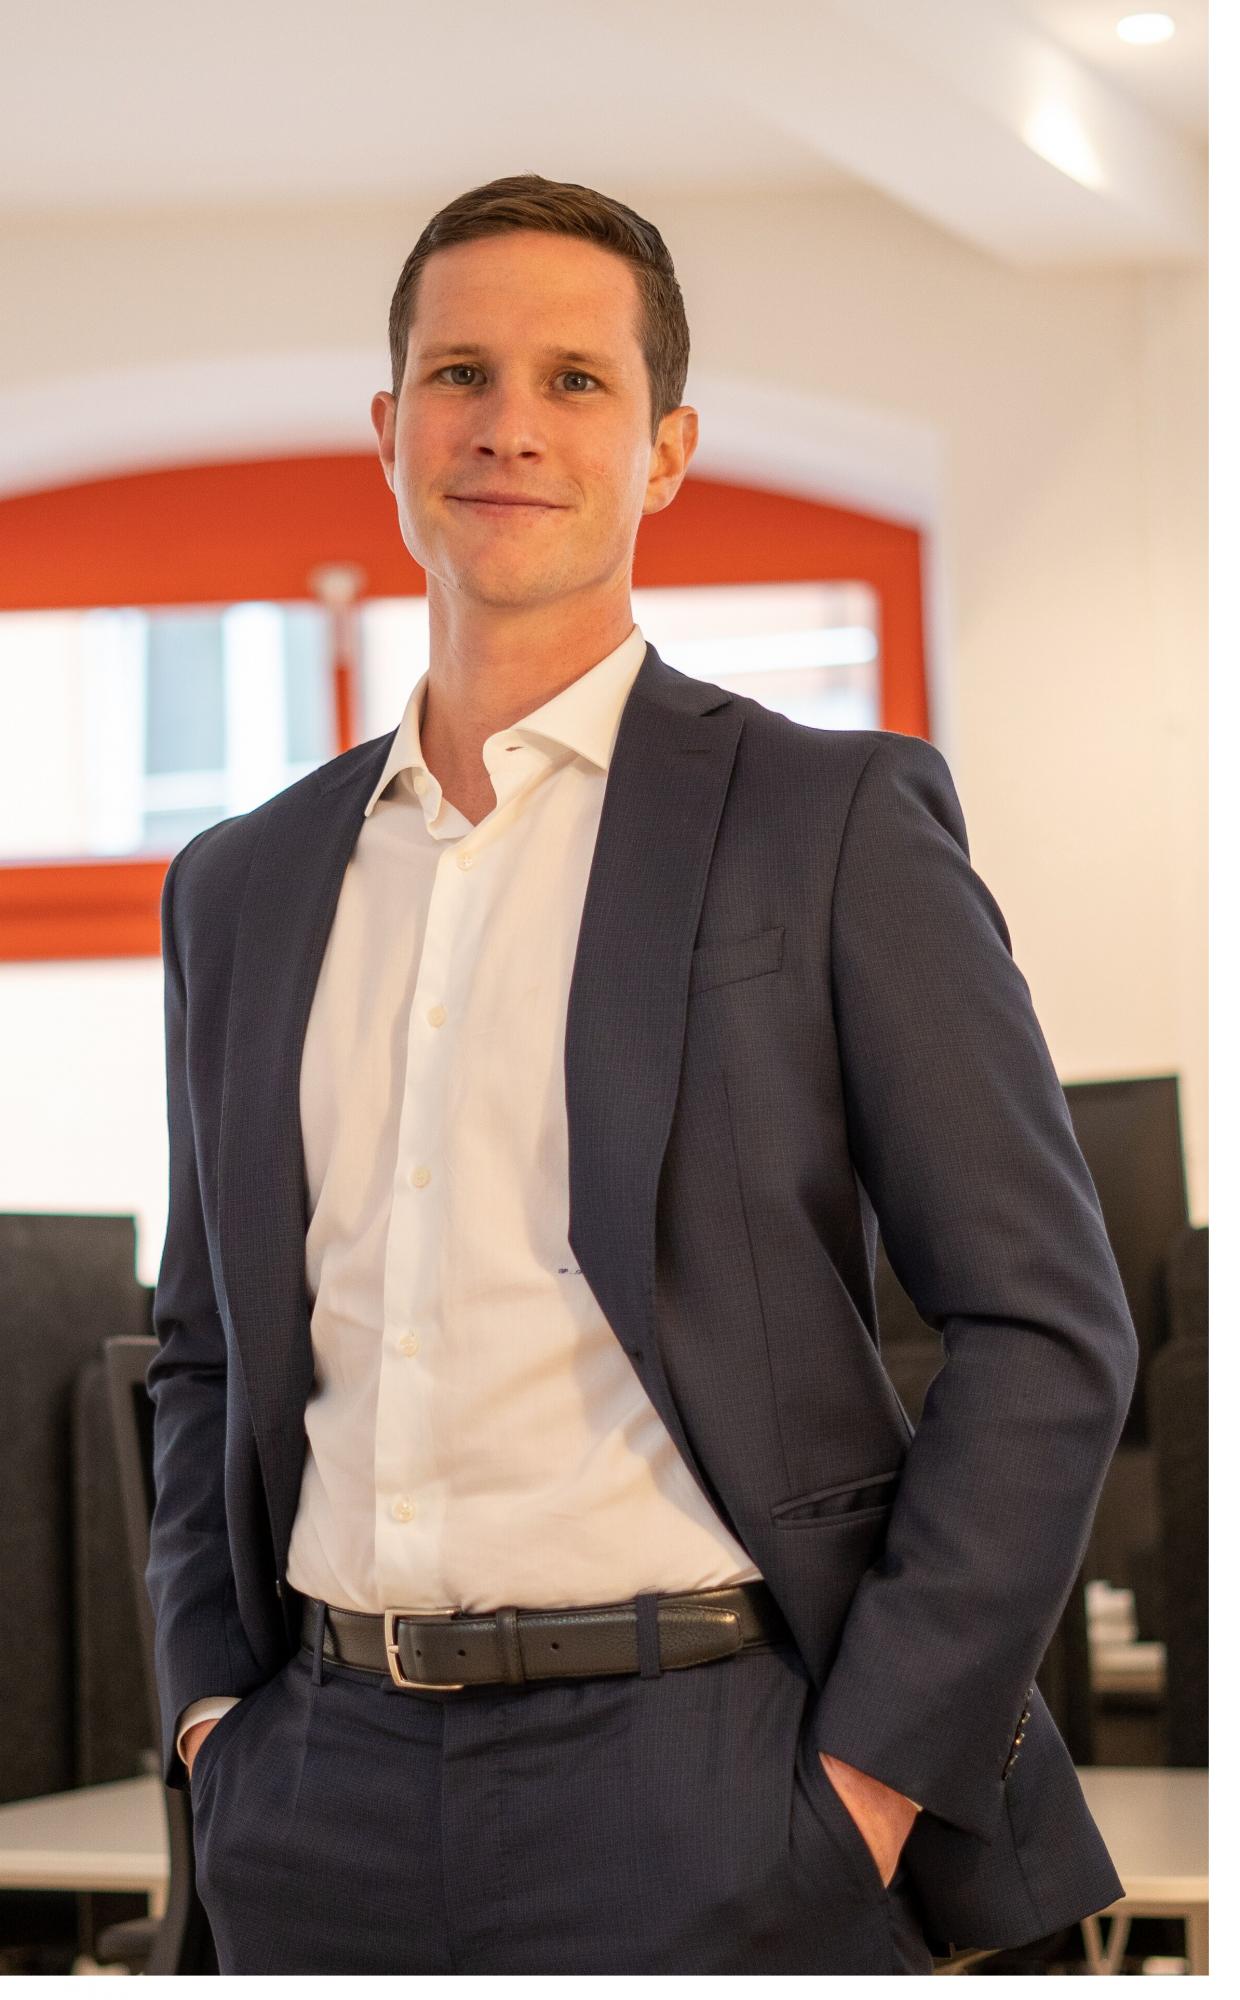 Foto von Patrick Stäuble, CEO und Founder der Teylor AG / BankingHub